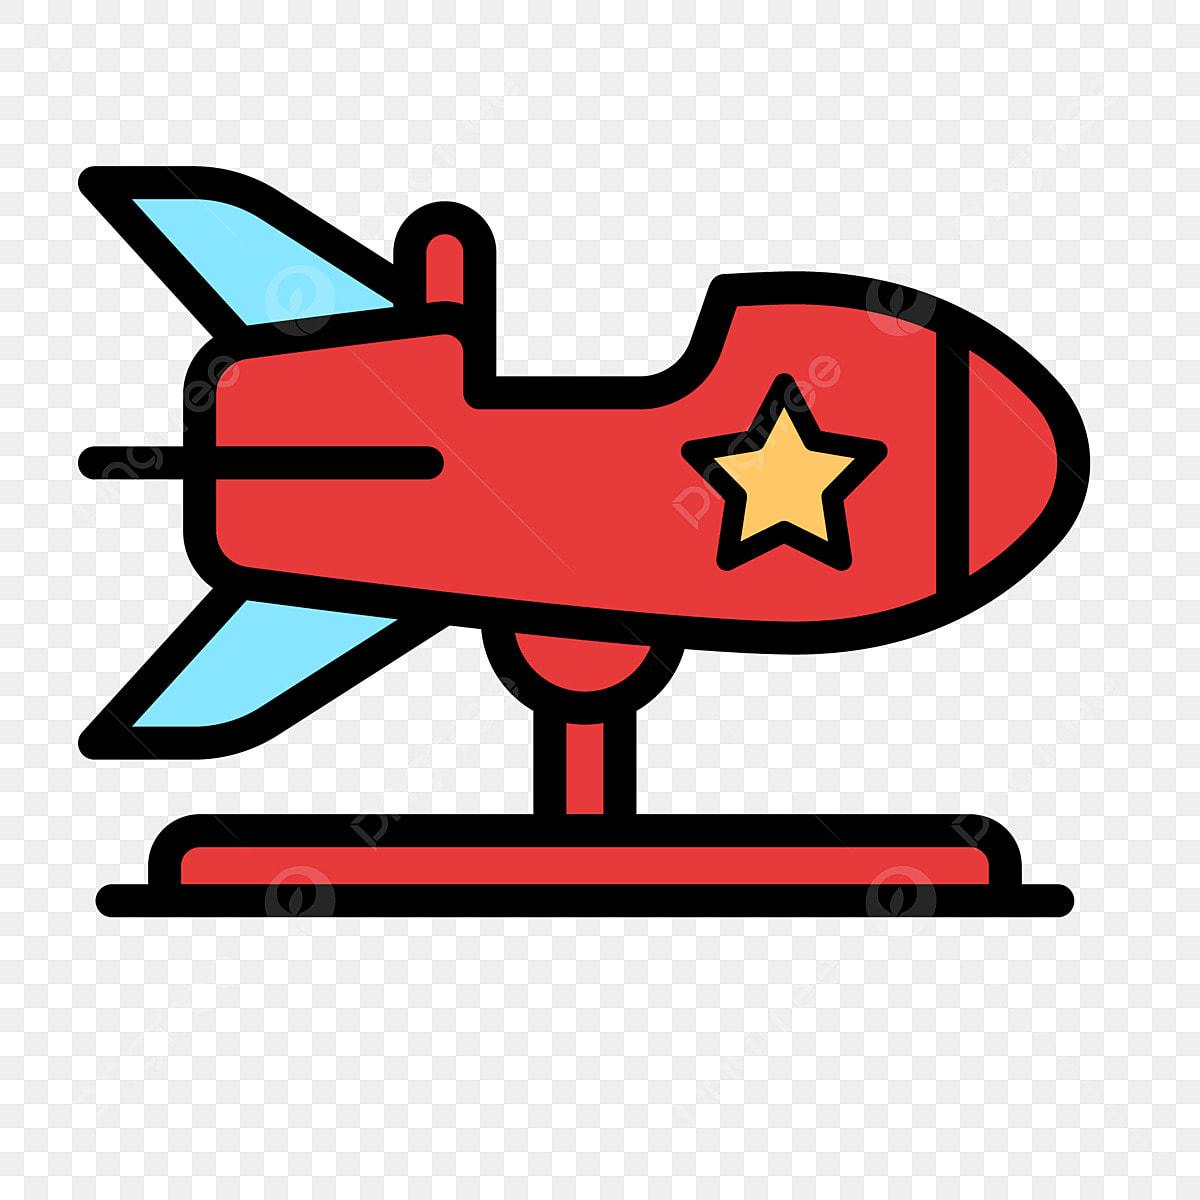 Kartun Helikopter Merah Kartun Merah Pesawat Ilustrasi